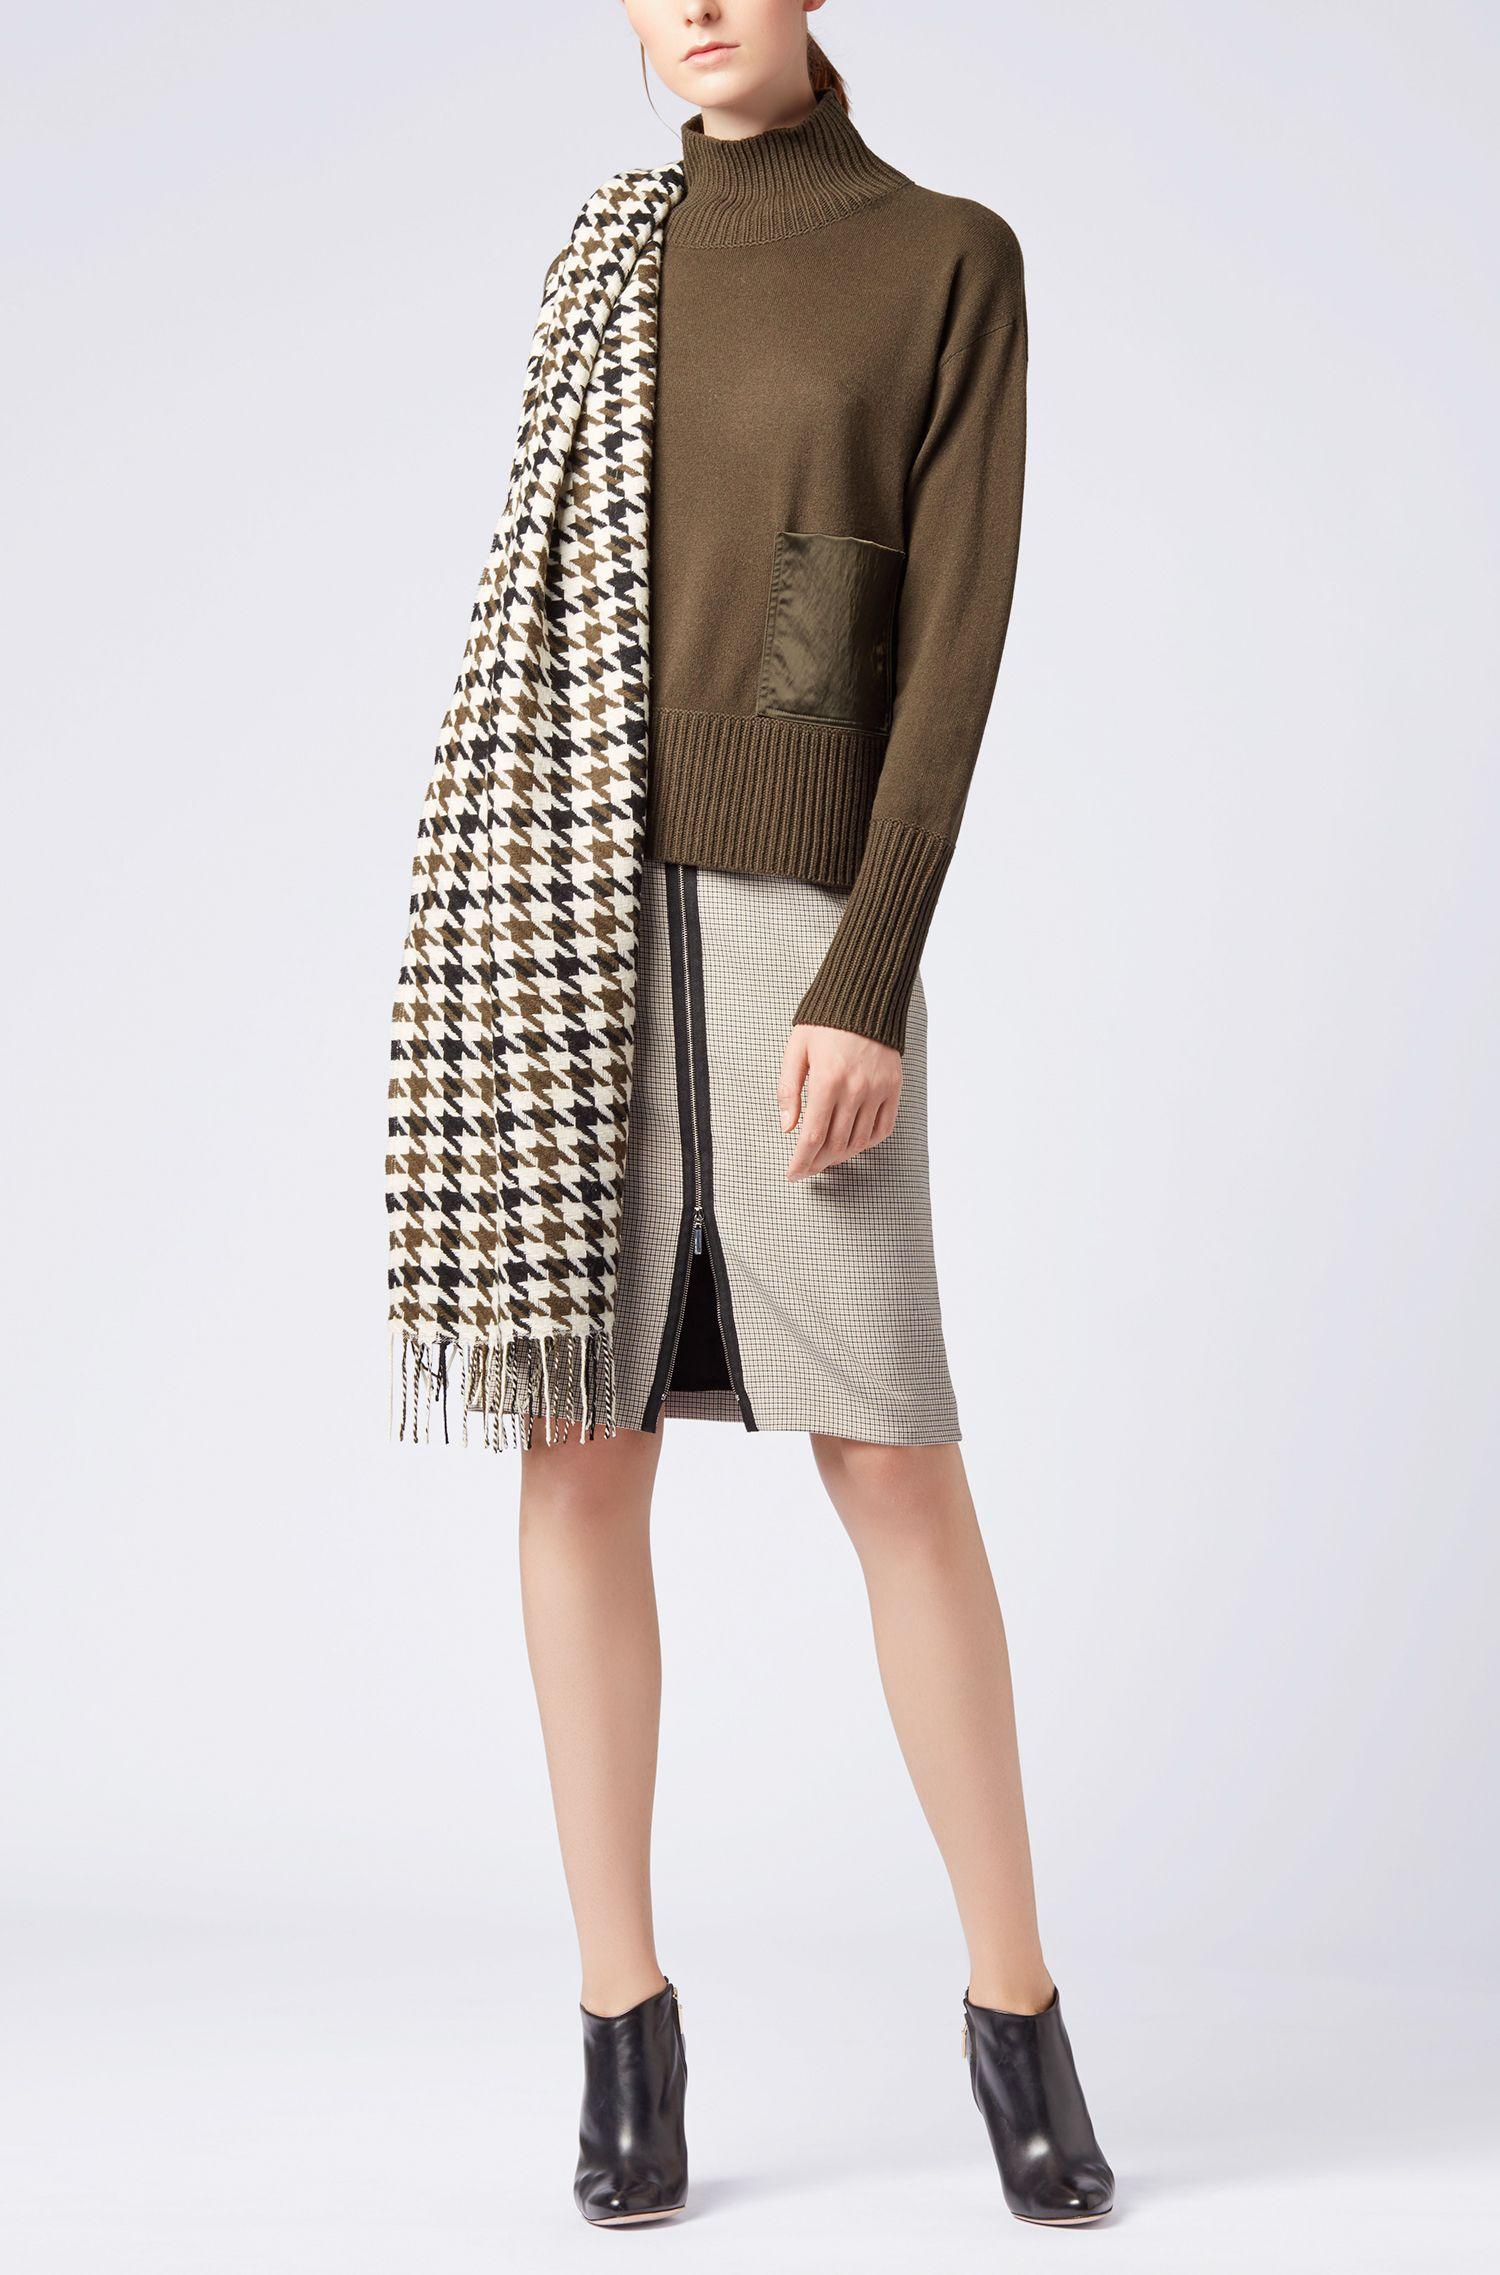 Sciarpa in tre tonalità in lana vergine con quadri pied-de-poule